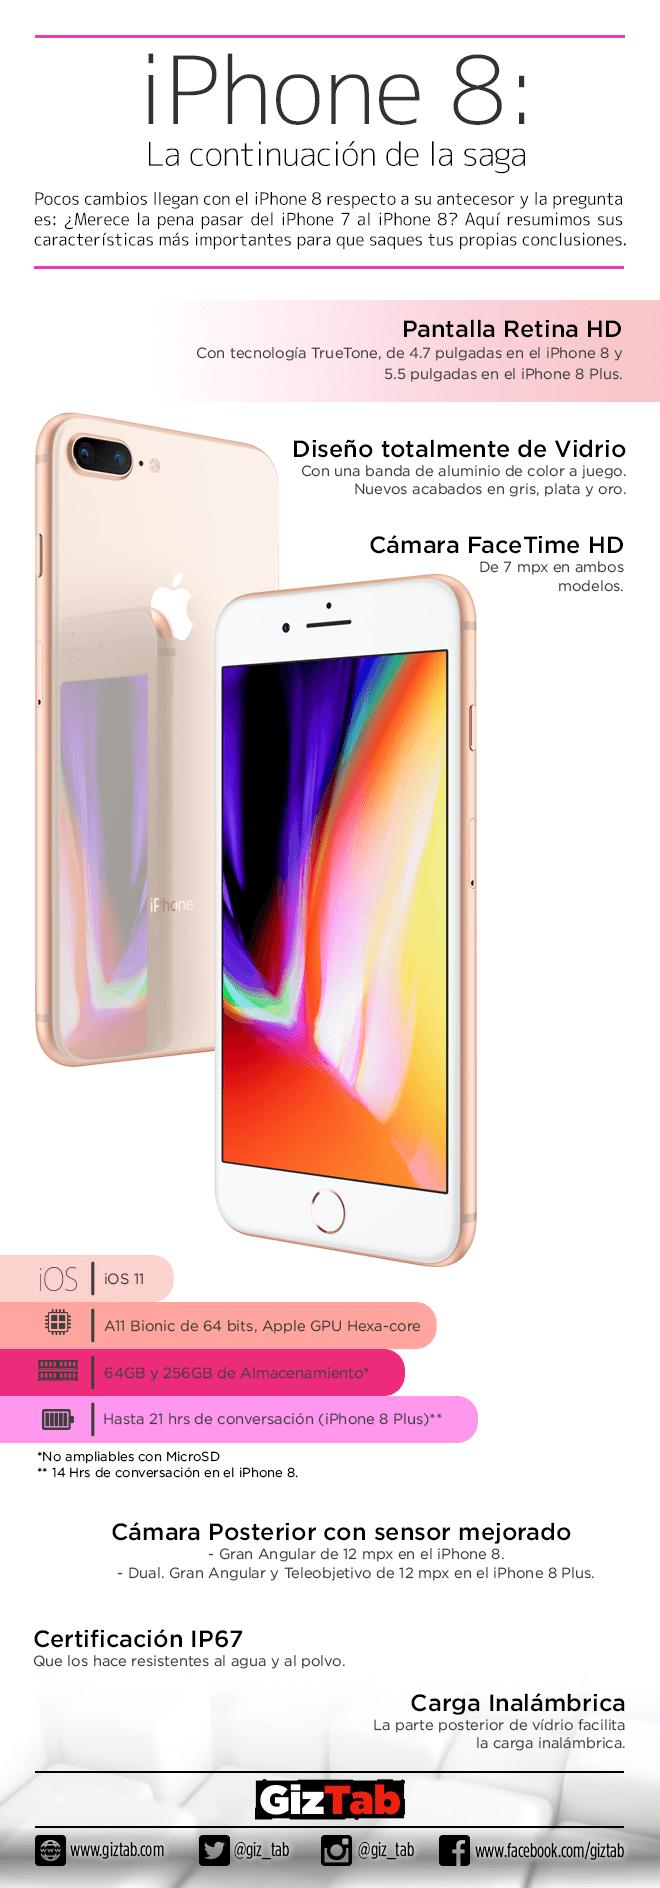 iPhone 8: la continuación de una saga